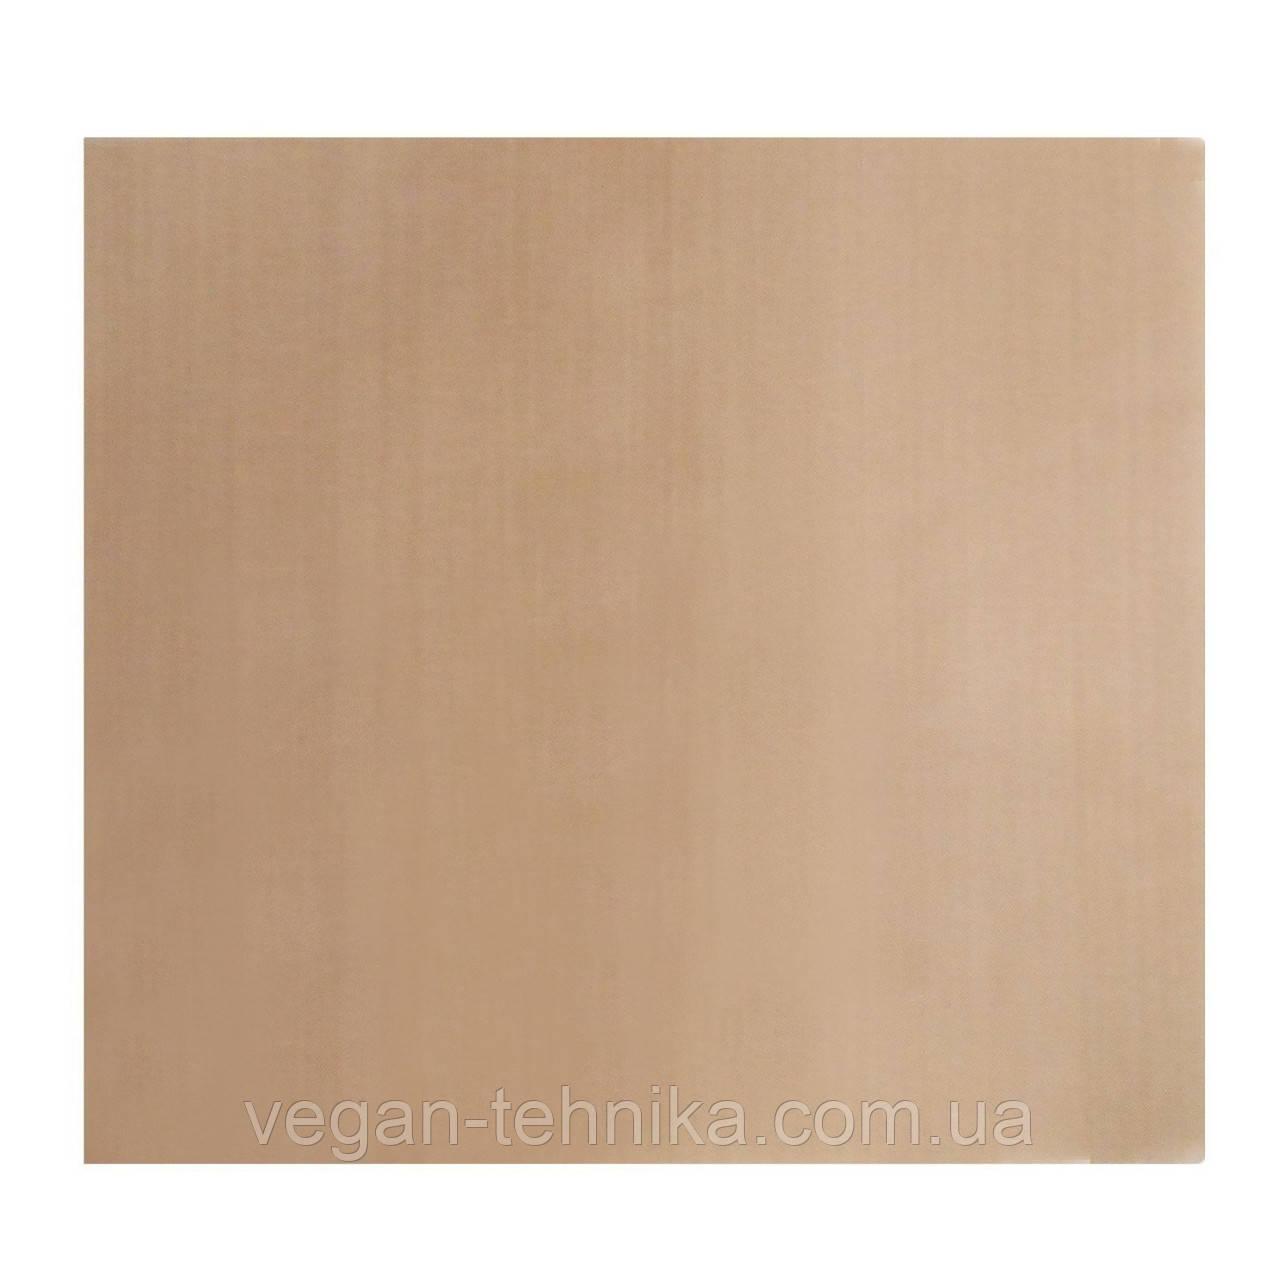 Антипригарный коврик для дегидратора Biochef Savana Dehydrator / Non Stick Sheet